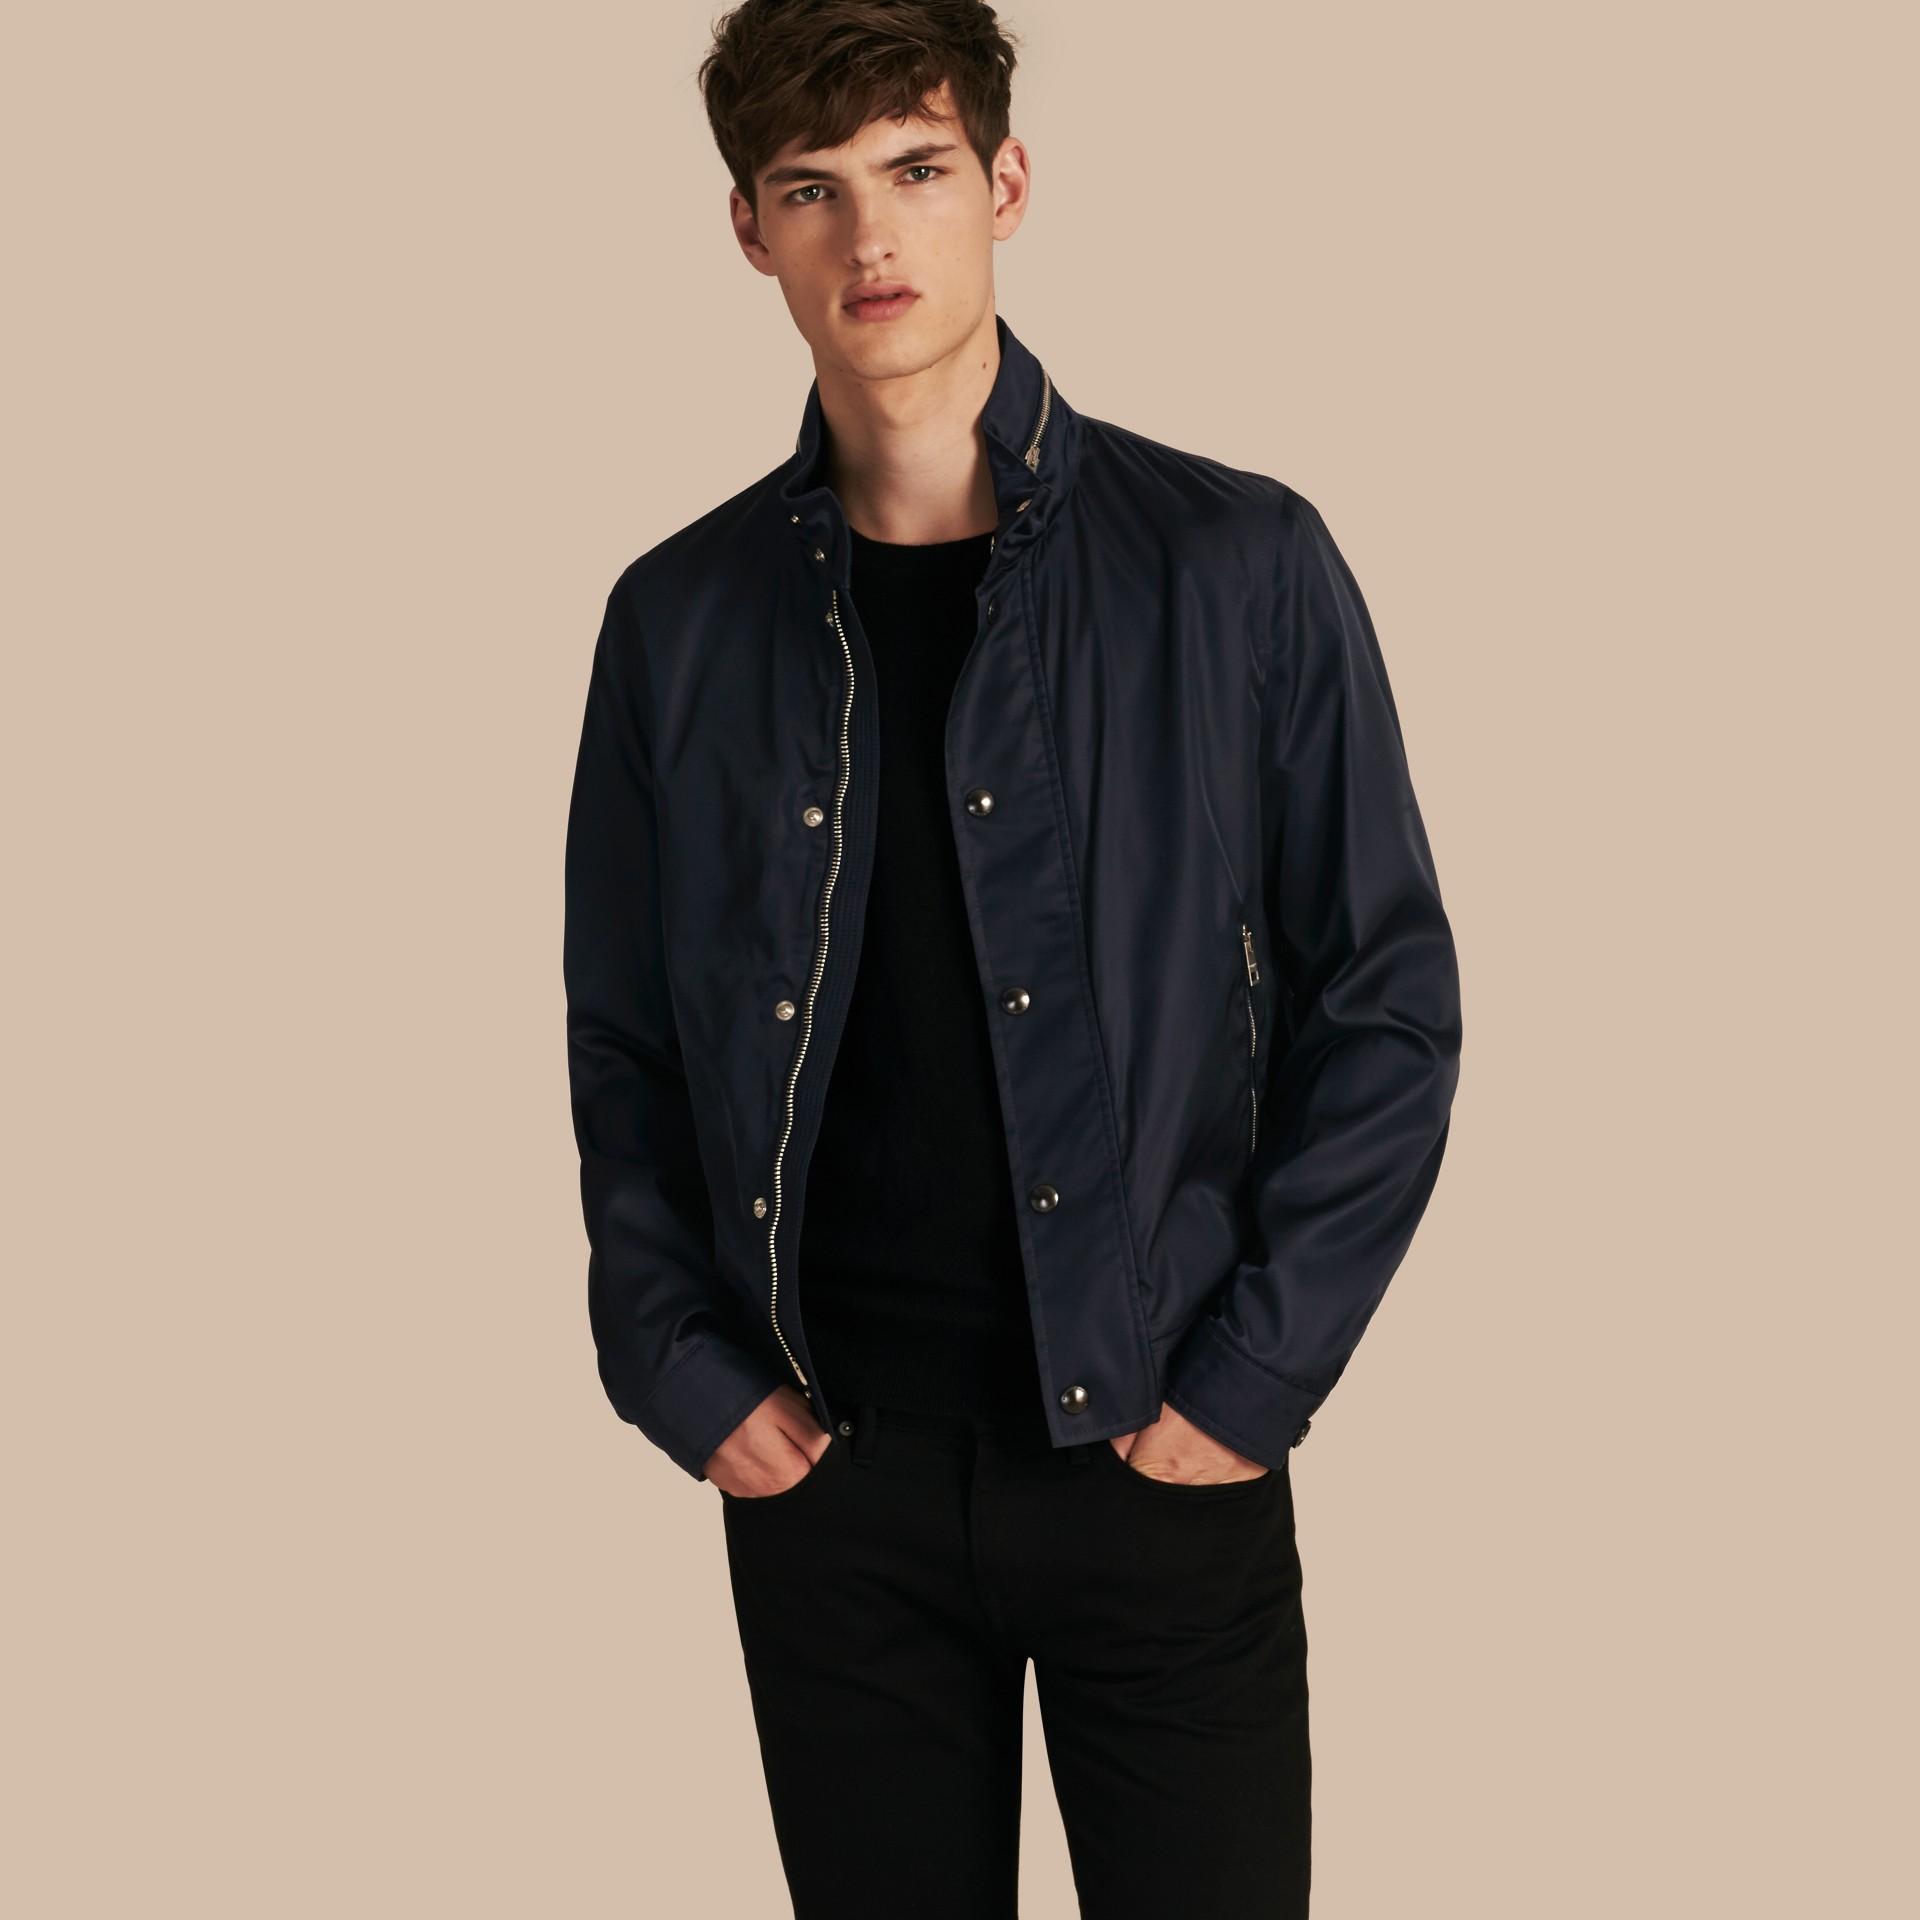 Темно-синий Куртка со складным капюшоном - изображение 1